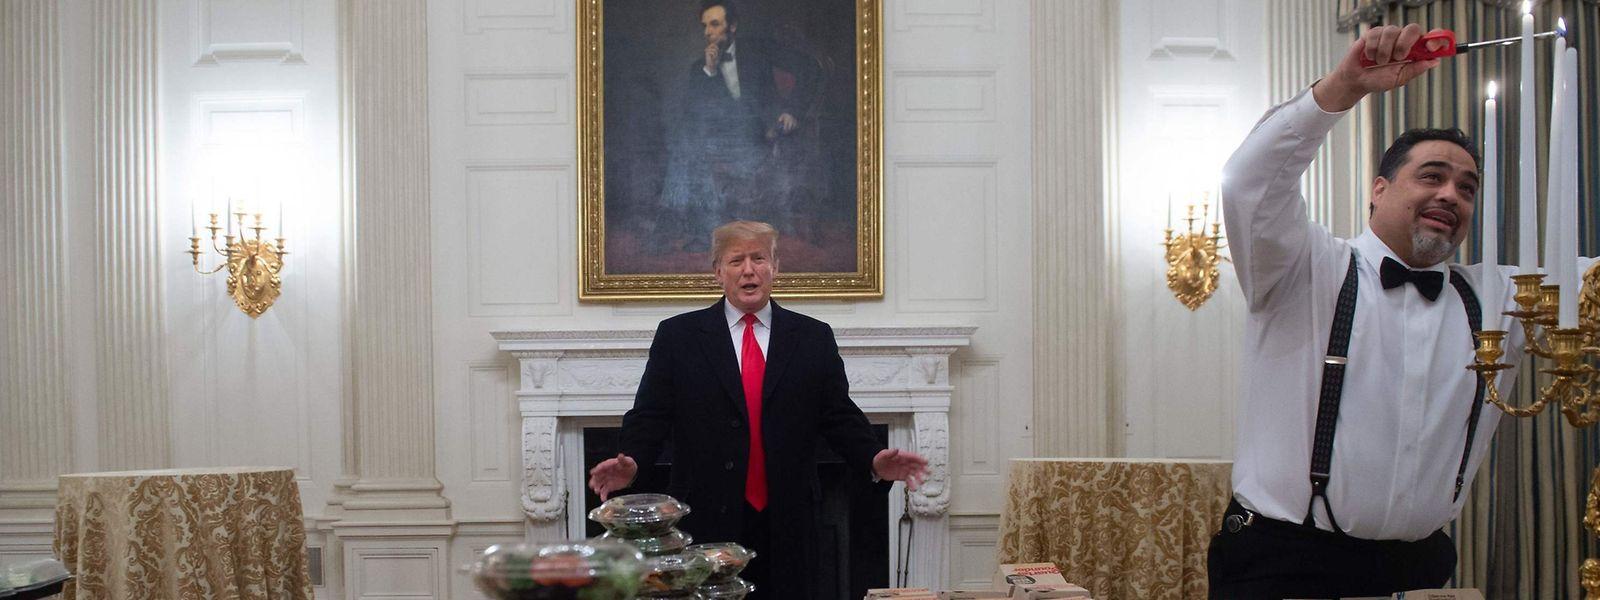 """Wenn ein Milliardär zum Dinner lädt: Donald Trump soll das """"Dinner"""" für die Clemson Tigers aus eigener Tasche bezahlt haben. Was sein Vorgänger Abraham Lincoln (hinten, in Öl) dazu gesagt hätte, lässt sich nur vermuten."""